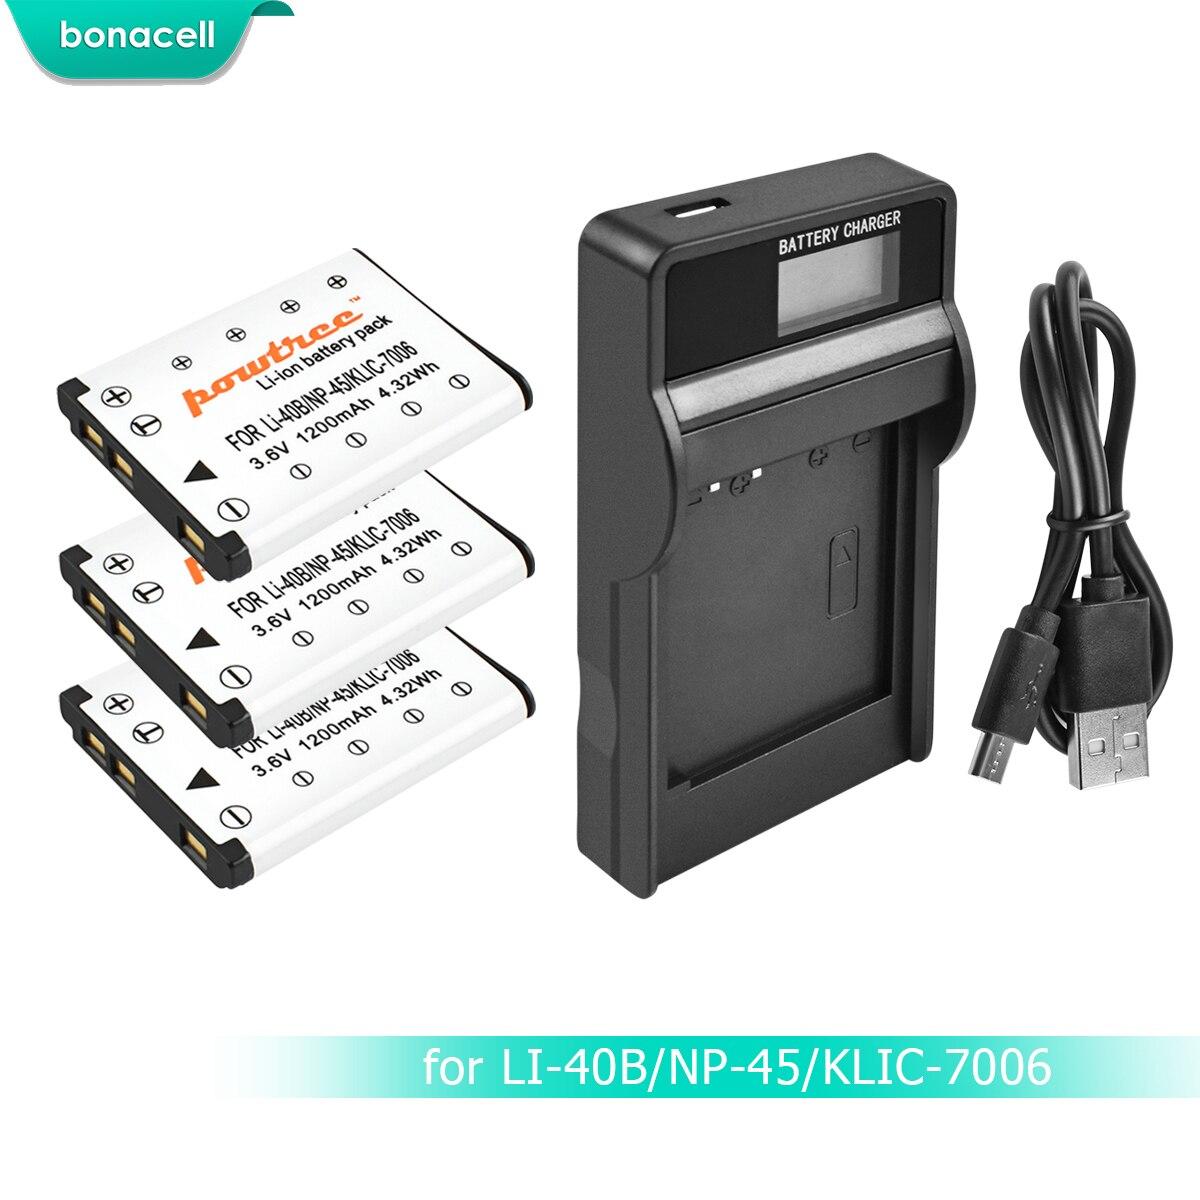 USB Cargador Doble para Fuji NP-40 // Fujifilm Finepix F650 F700 Z1 Z2 Z3/… // Samsung NV8/… // Pentax Optio A10 A20 A30 Ver Lista de compatibilidad